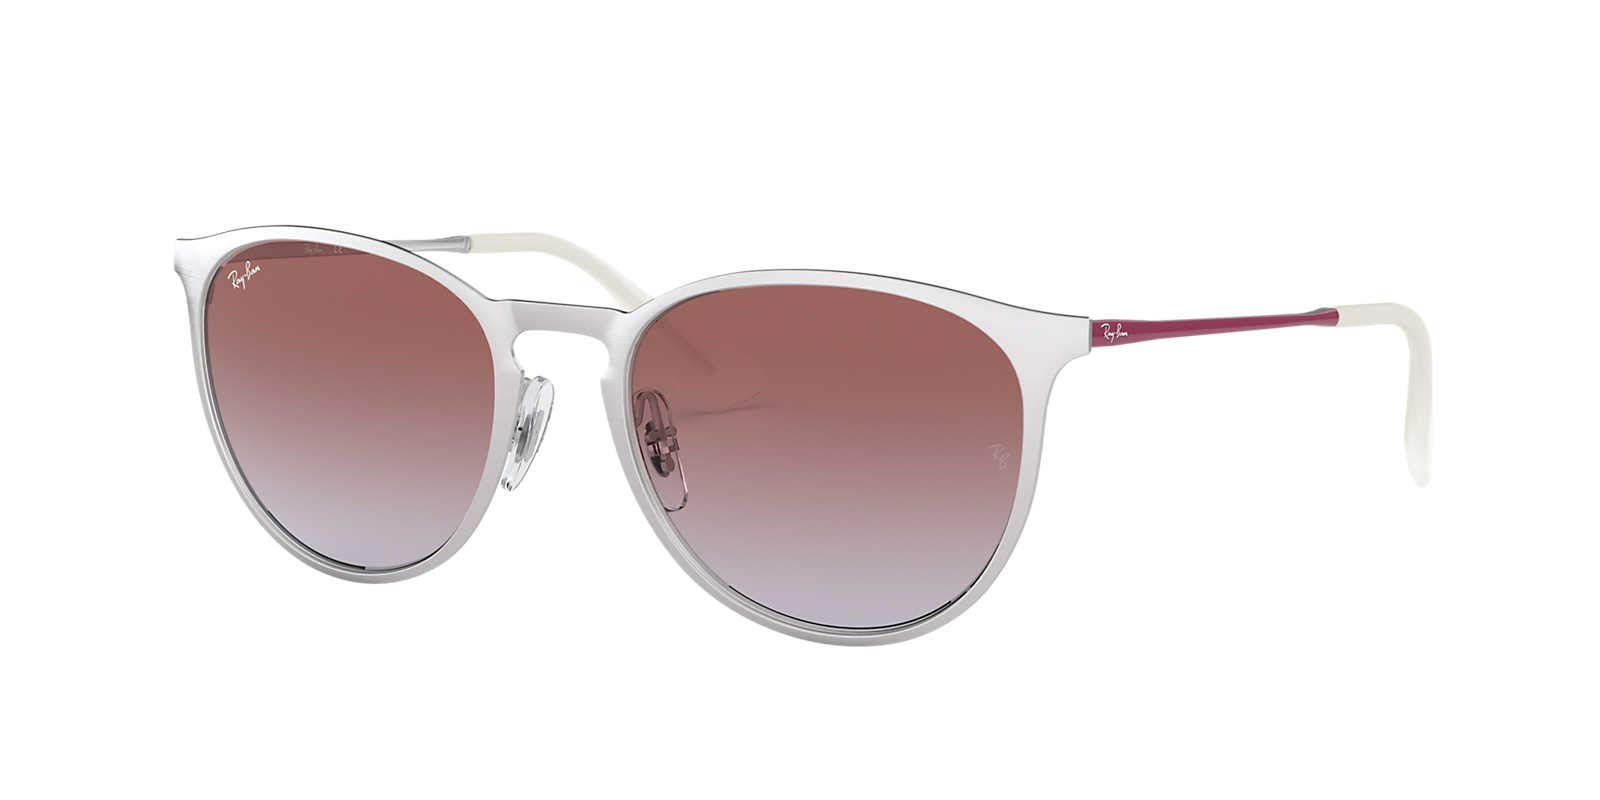 ویکالا · خرید عینک آفتابی Ray-Ban Erika Metal، نقره ای BRUSCHED، 54 میلی متر اصل اورجینال · خرید از آمازون · Ray-Ban Erika Metal Round Sunglasses, BRUSCHED Silver, 54 mm wekala · ویکالا